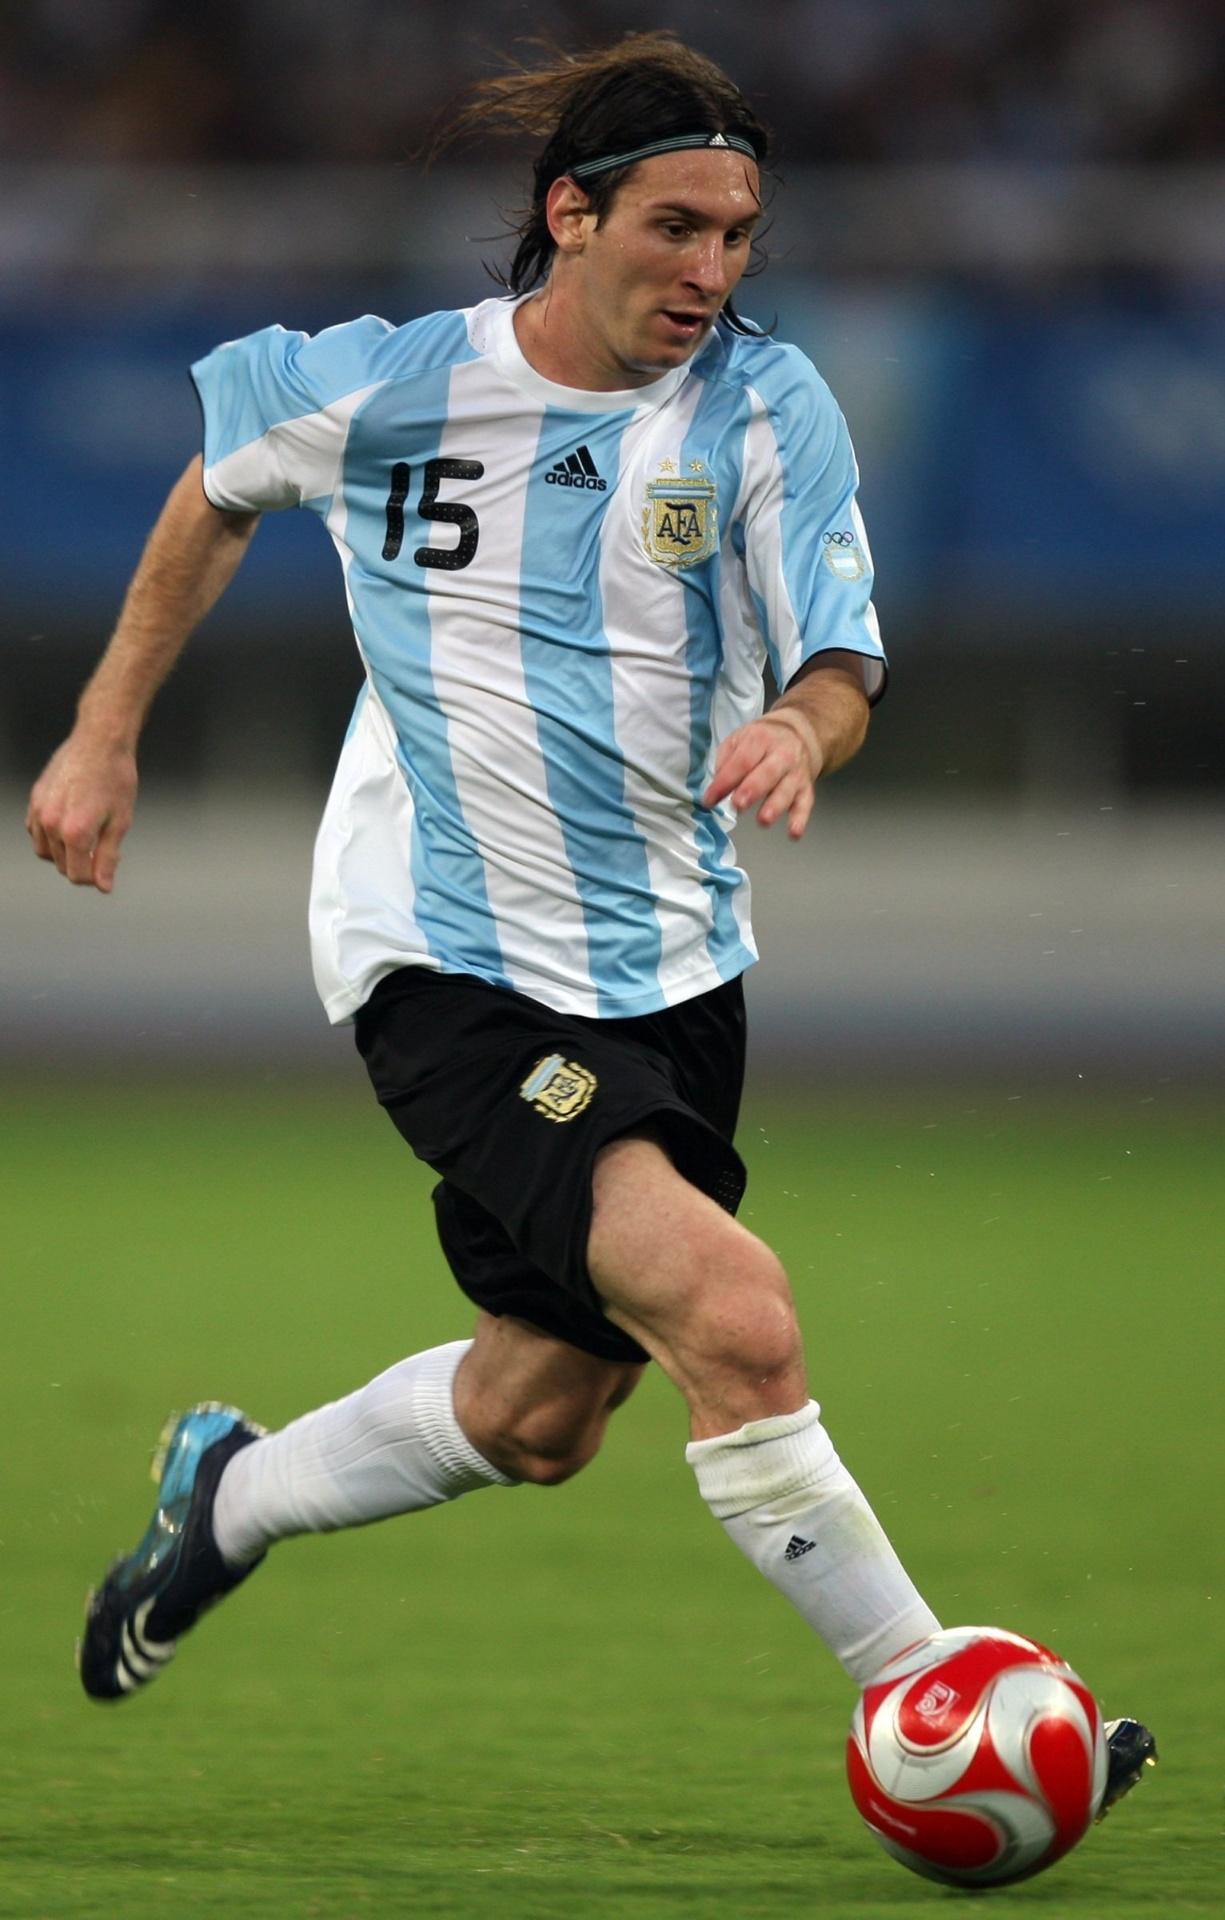 A Argentina de Messi foi bicampeã no futebol masculino nos Jogos Olímpicos de 2008